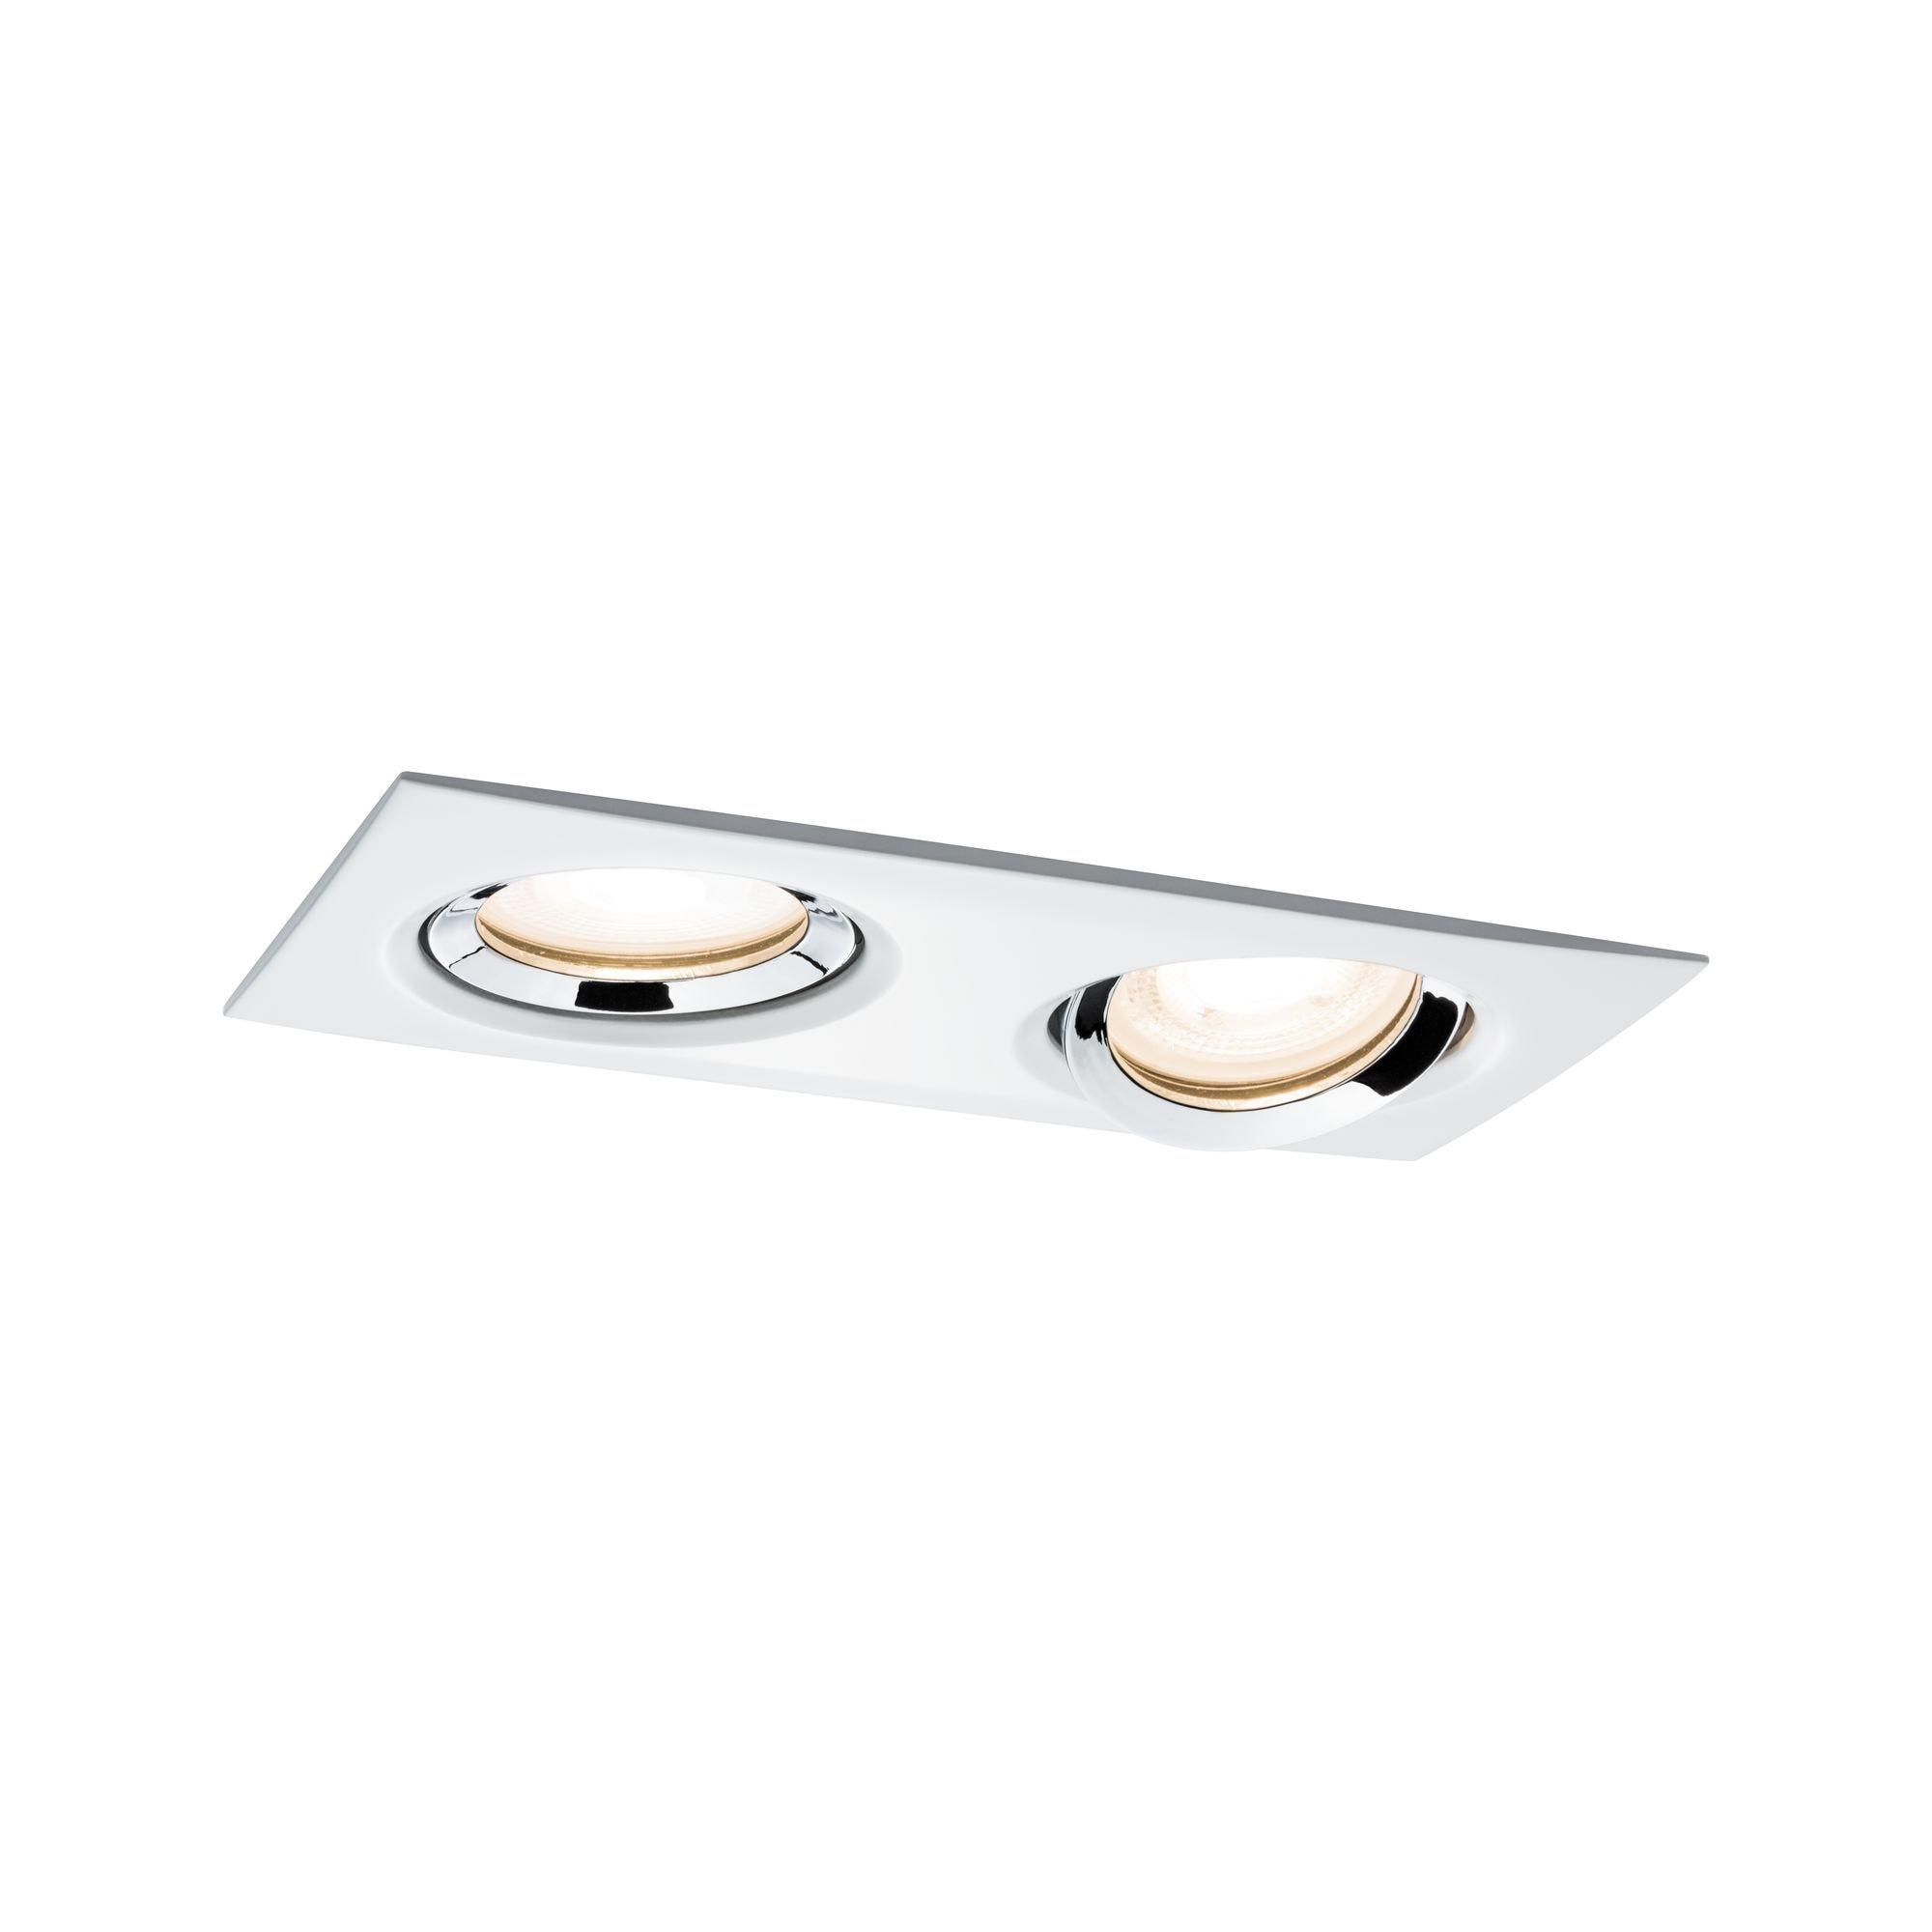 Paulmann,LED Einbaustrahler Set Nova Plus IP65 eckig GU10 Weiß matt & Chrom schwenkbar